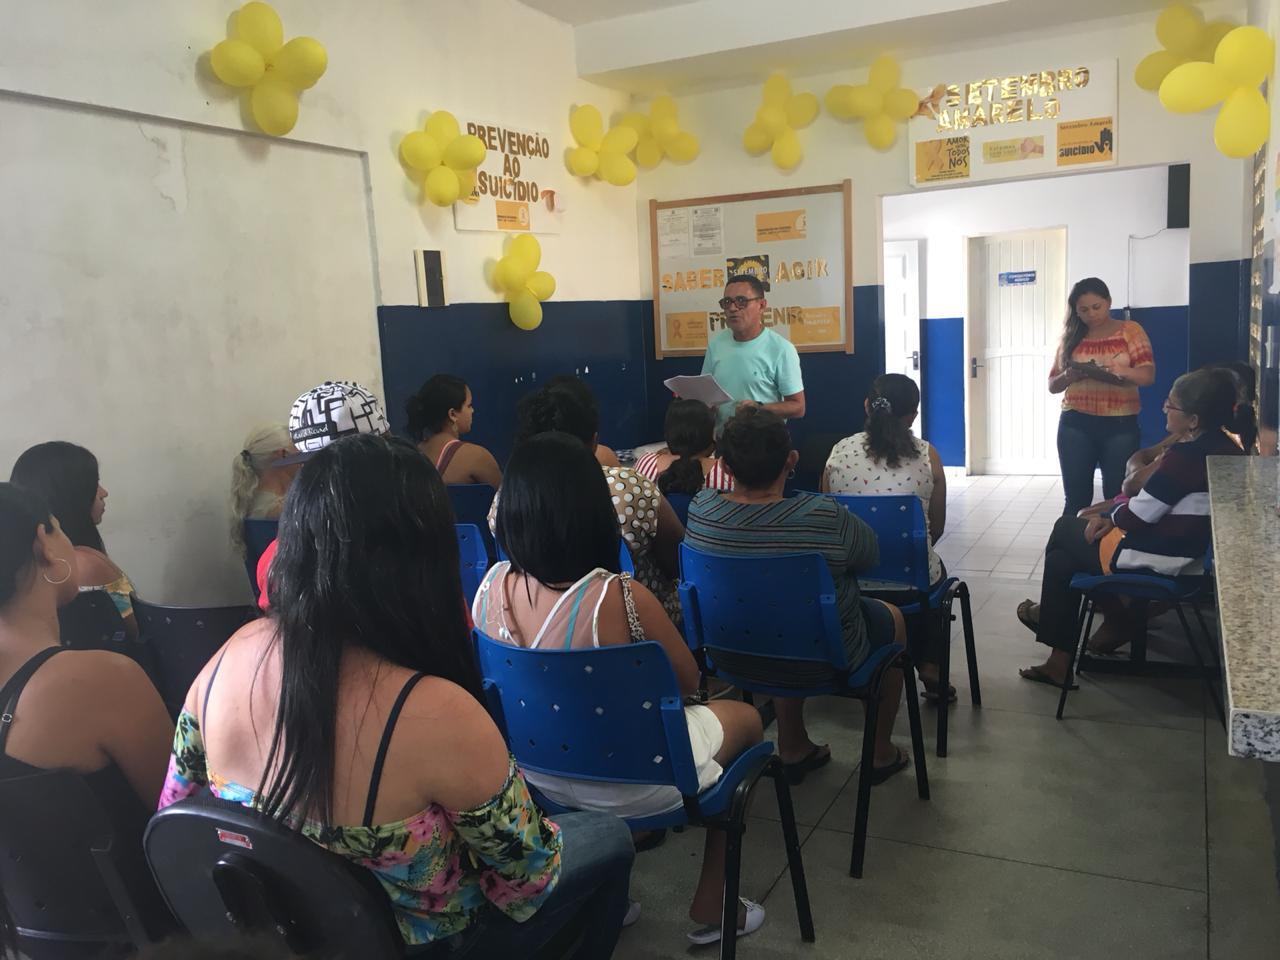 Setembro Amarelo: Secretaria de Saúde promove atividades de prevenção ao suicídio em Araruna